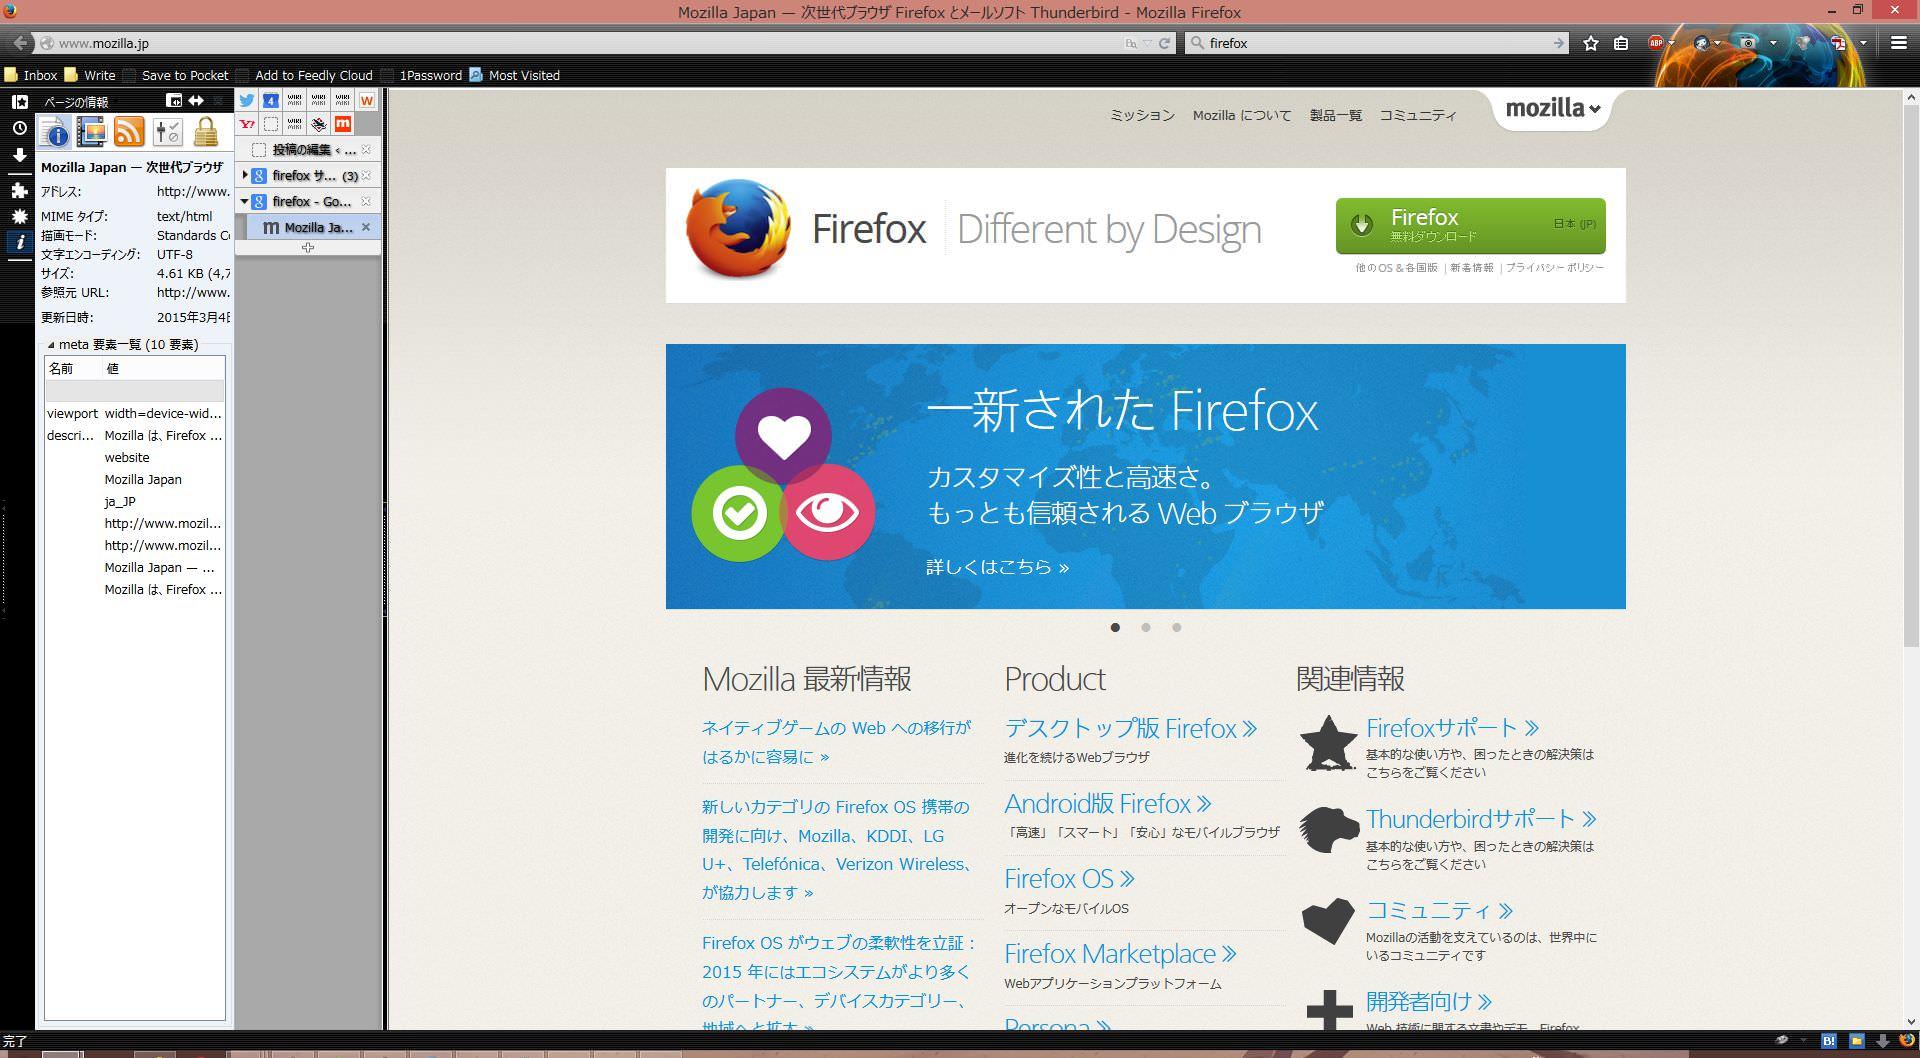 firefox サイドバー ページ情報